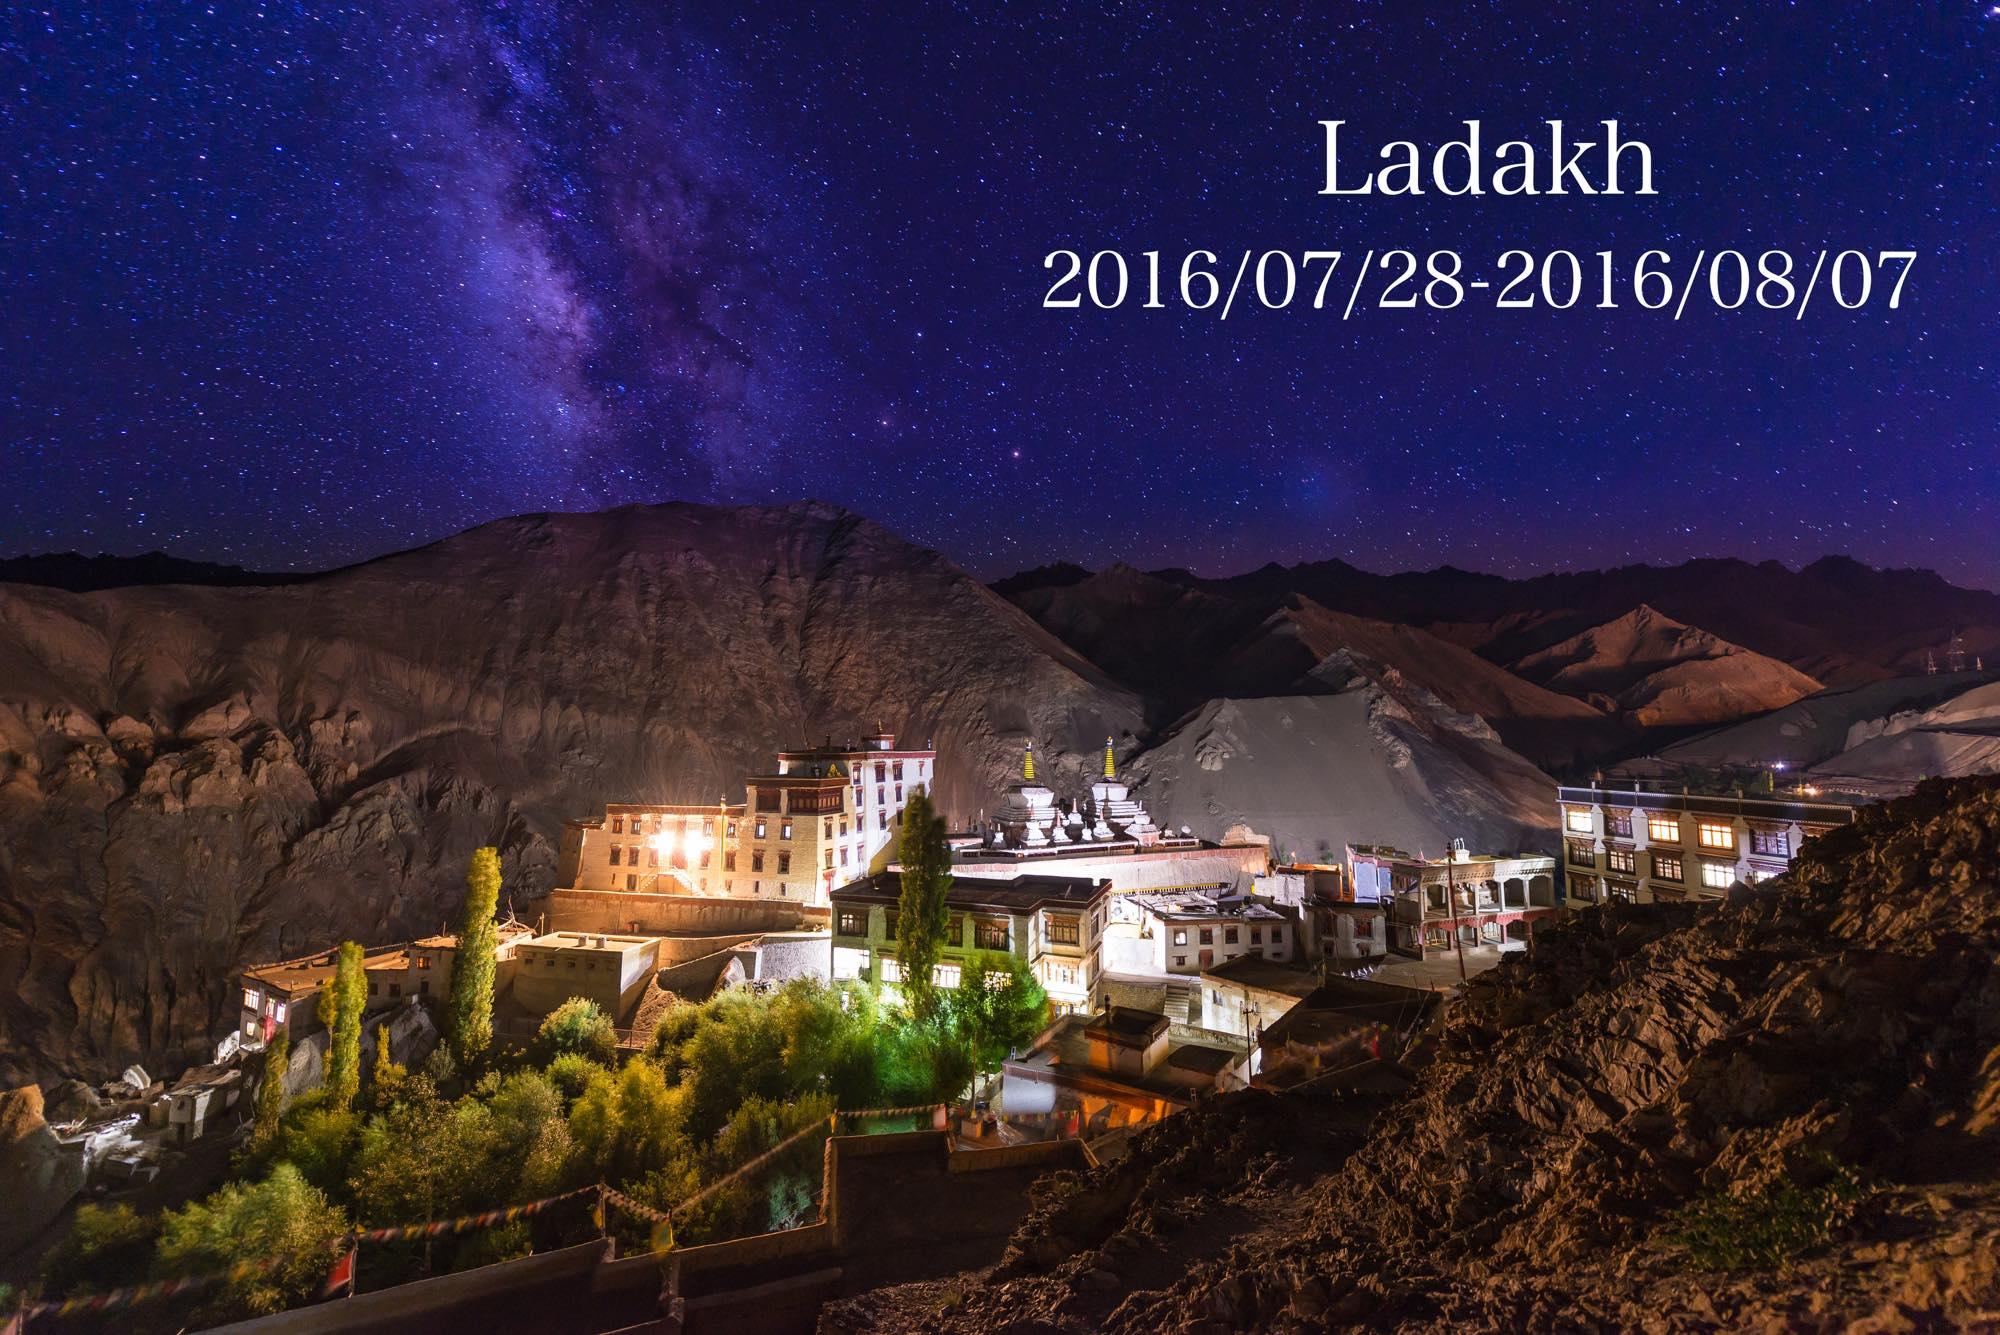 【まとめ】2016年夏休み!インド・ラダック旅!